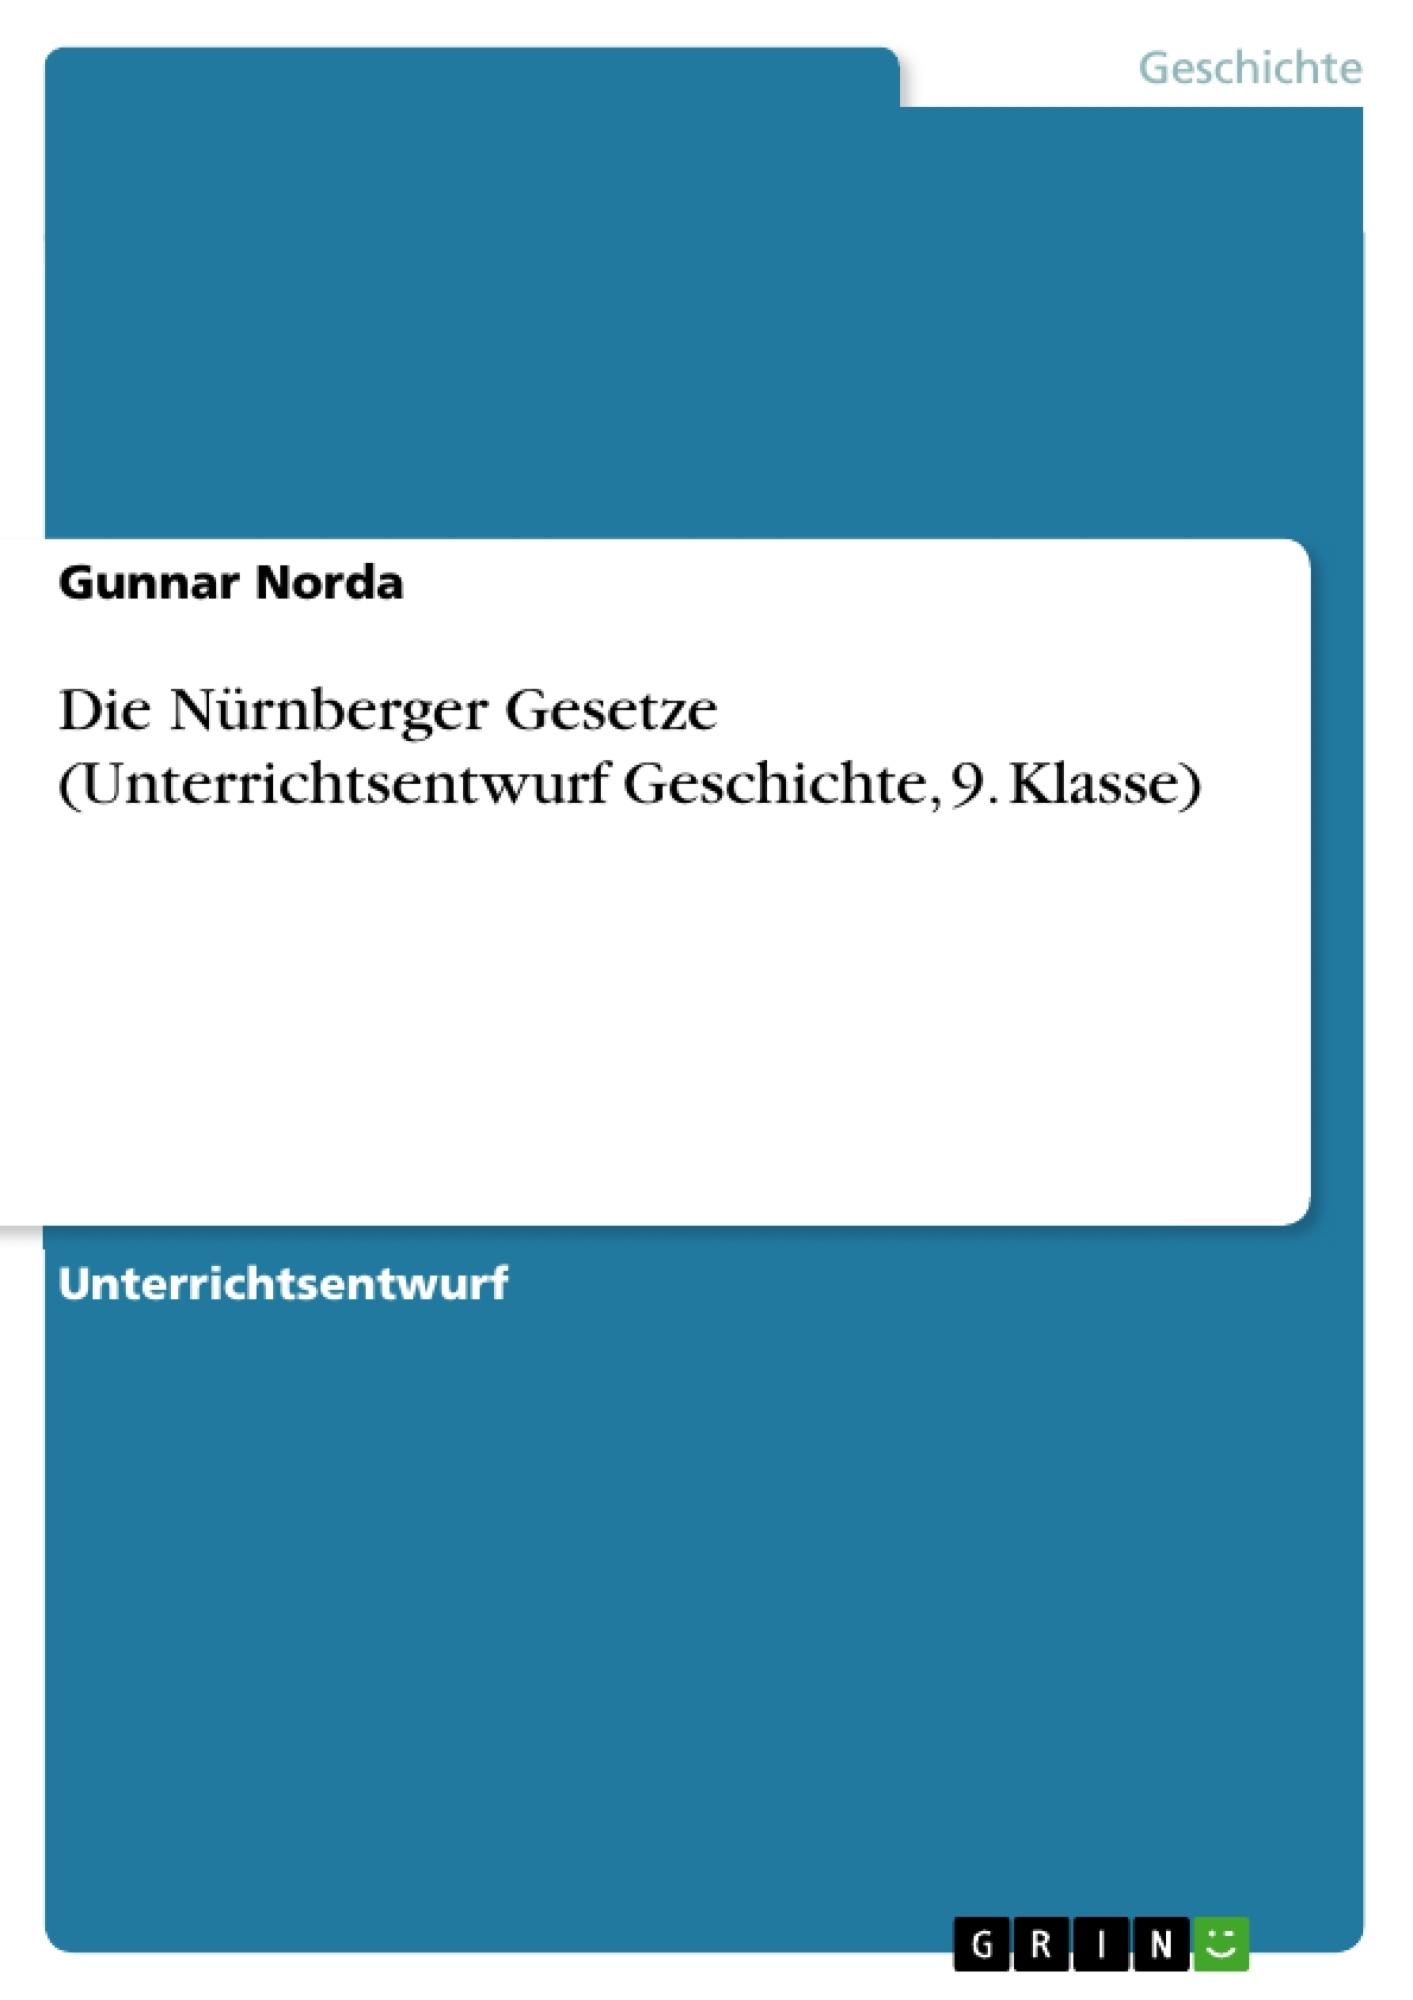 Titel: Die Nürnberger Gesetze (Unterrichtsentwurf Geschichte, 9. Klasse)